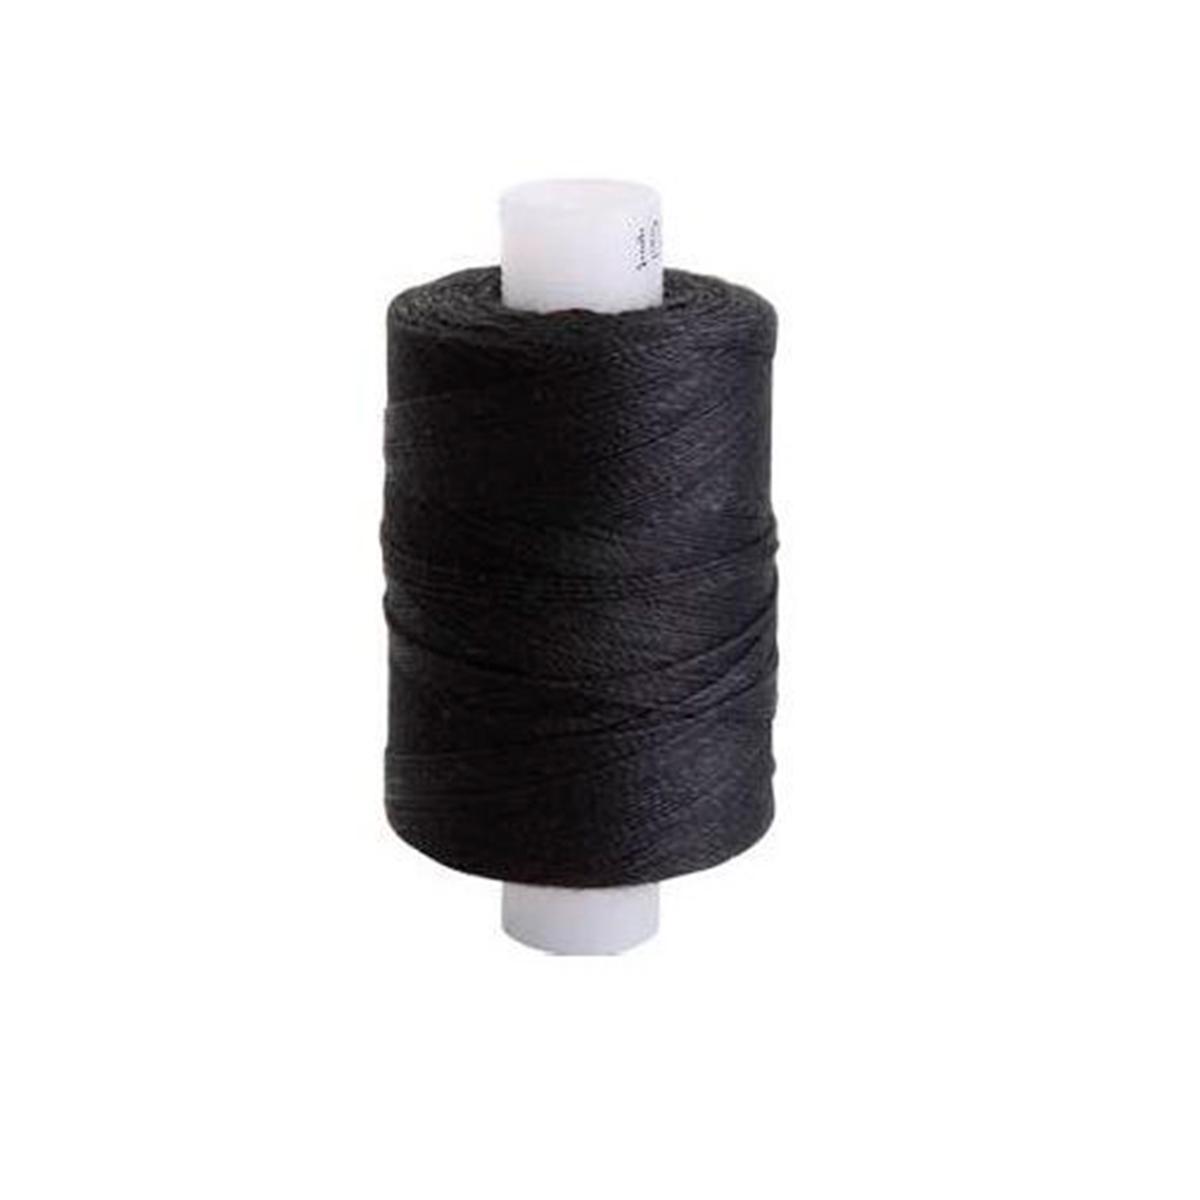 Армированные швейные бытовые нитки 100ЛЛ черный